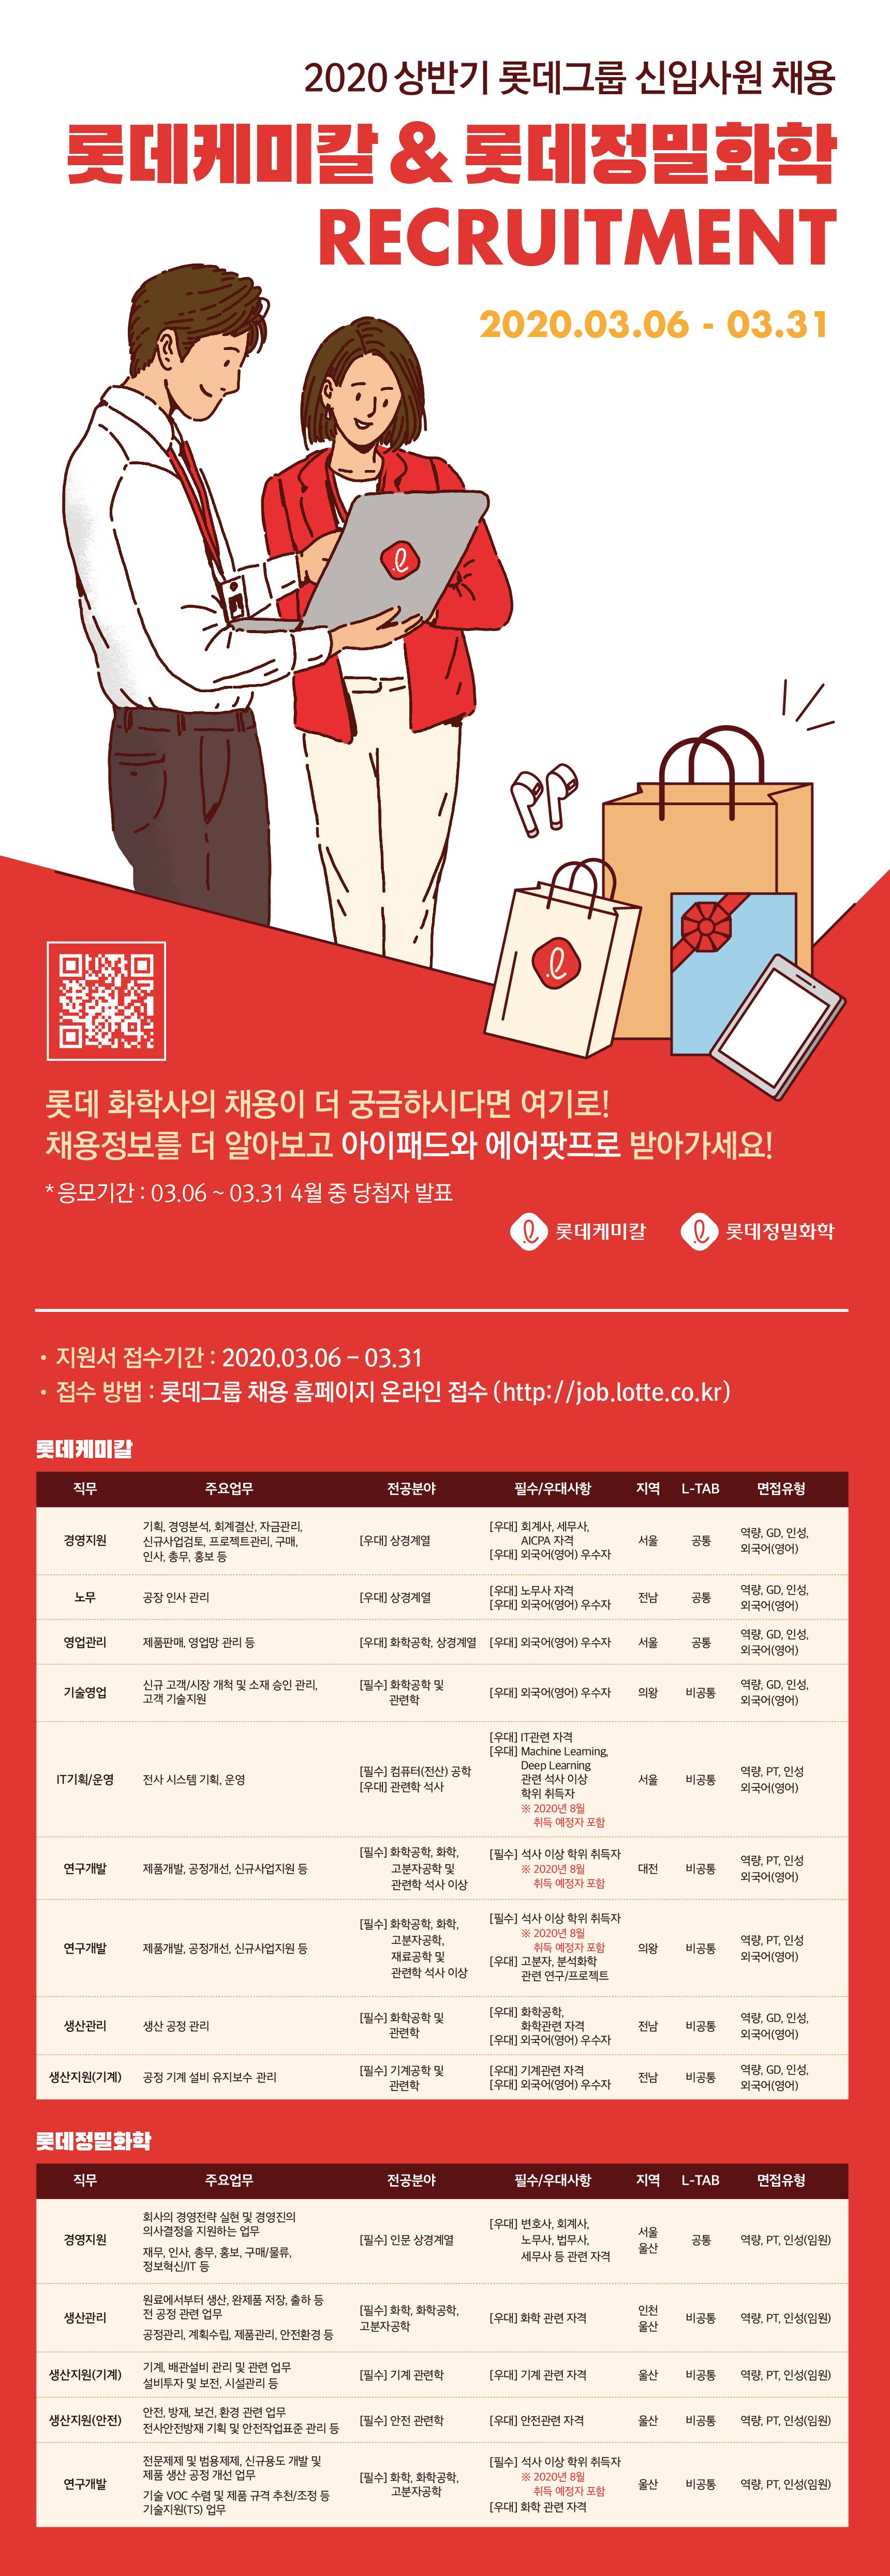 롯데그룹 화학부문 웹플라이어.jpg